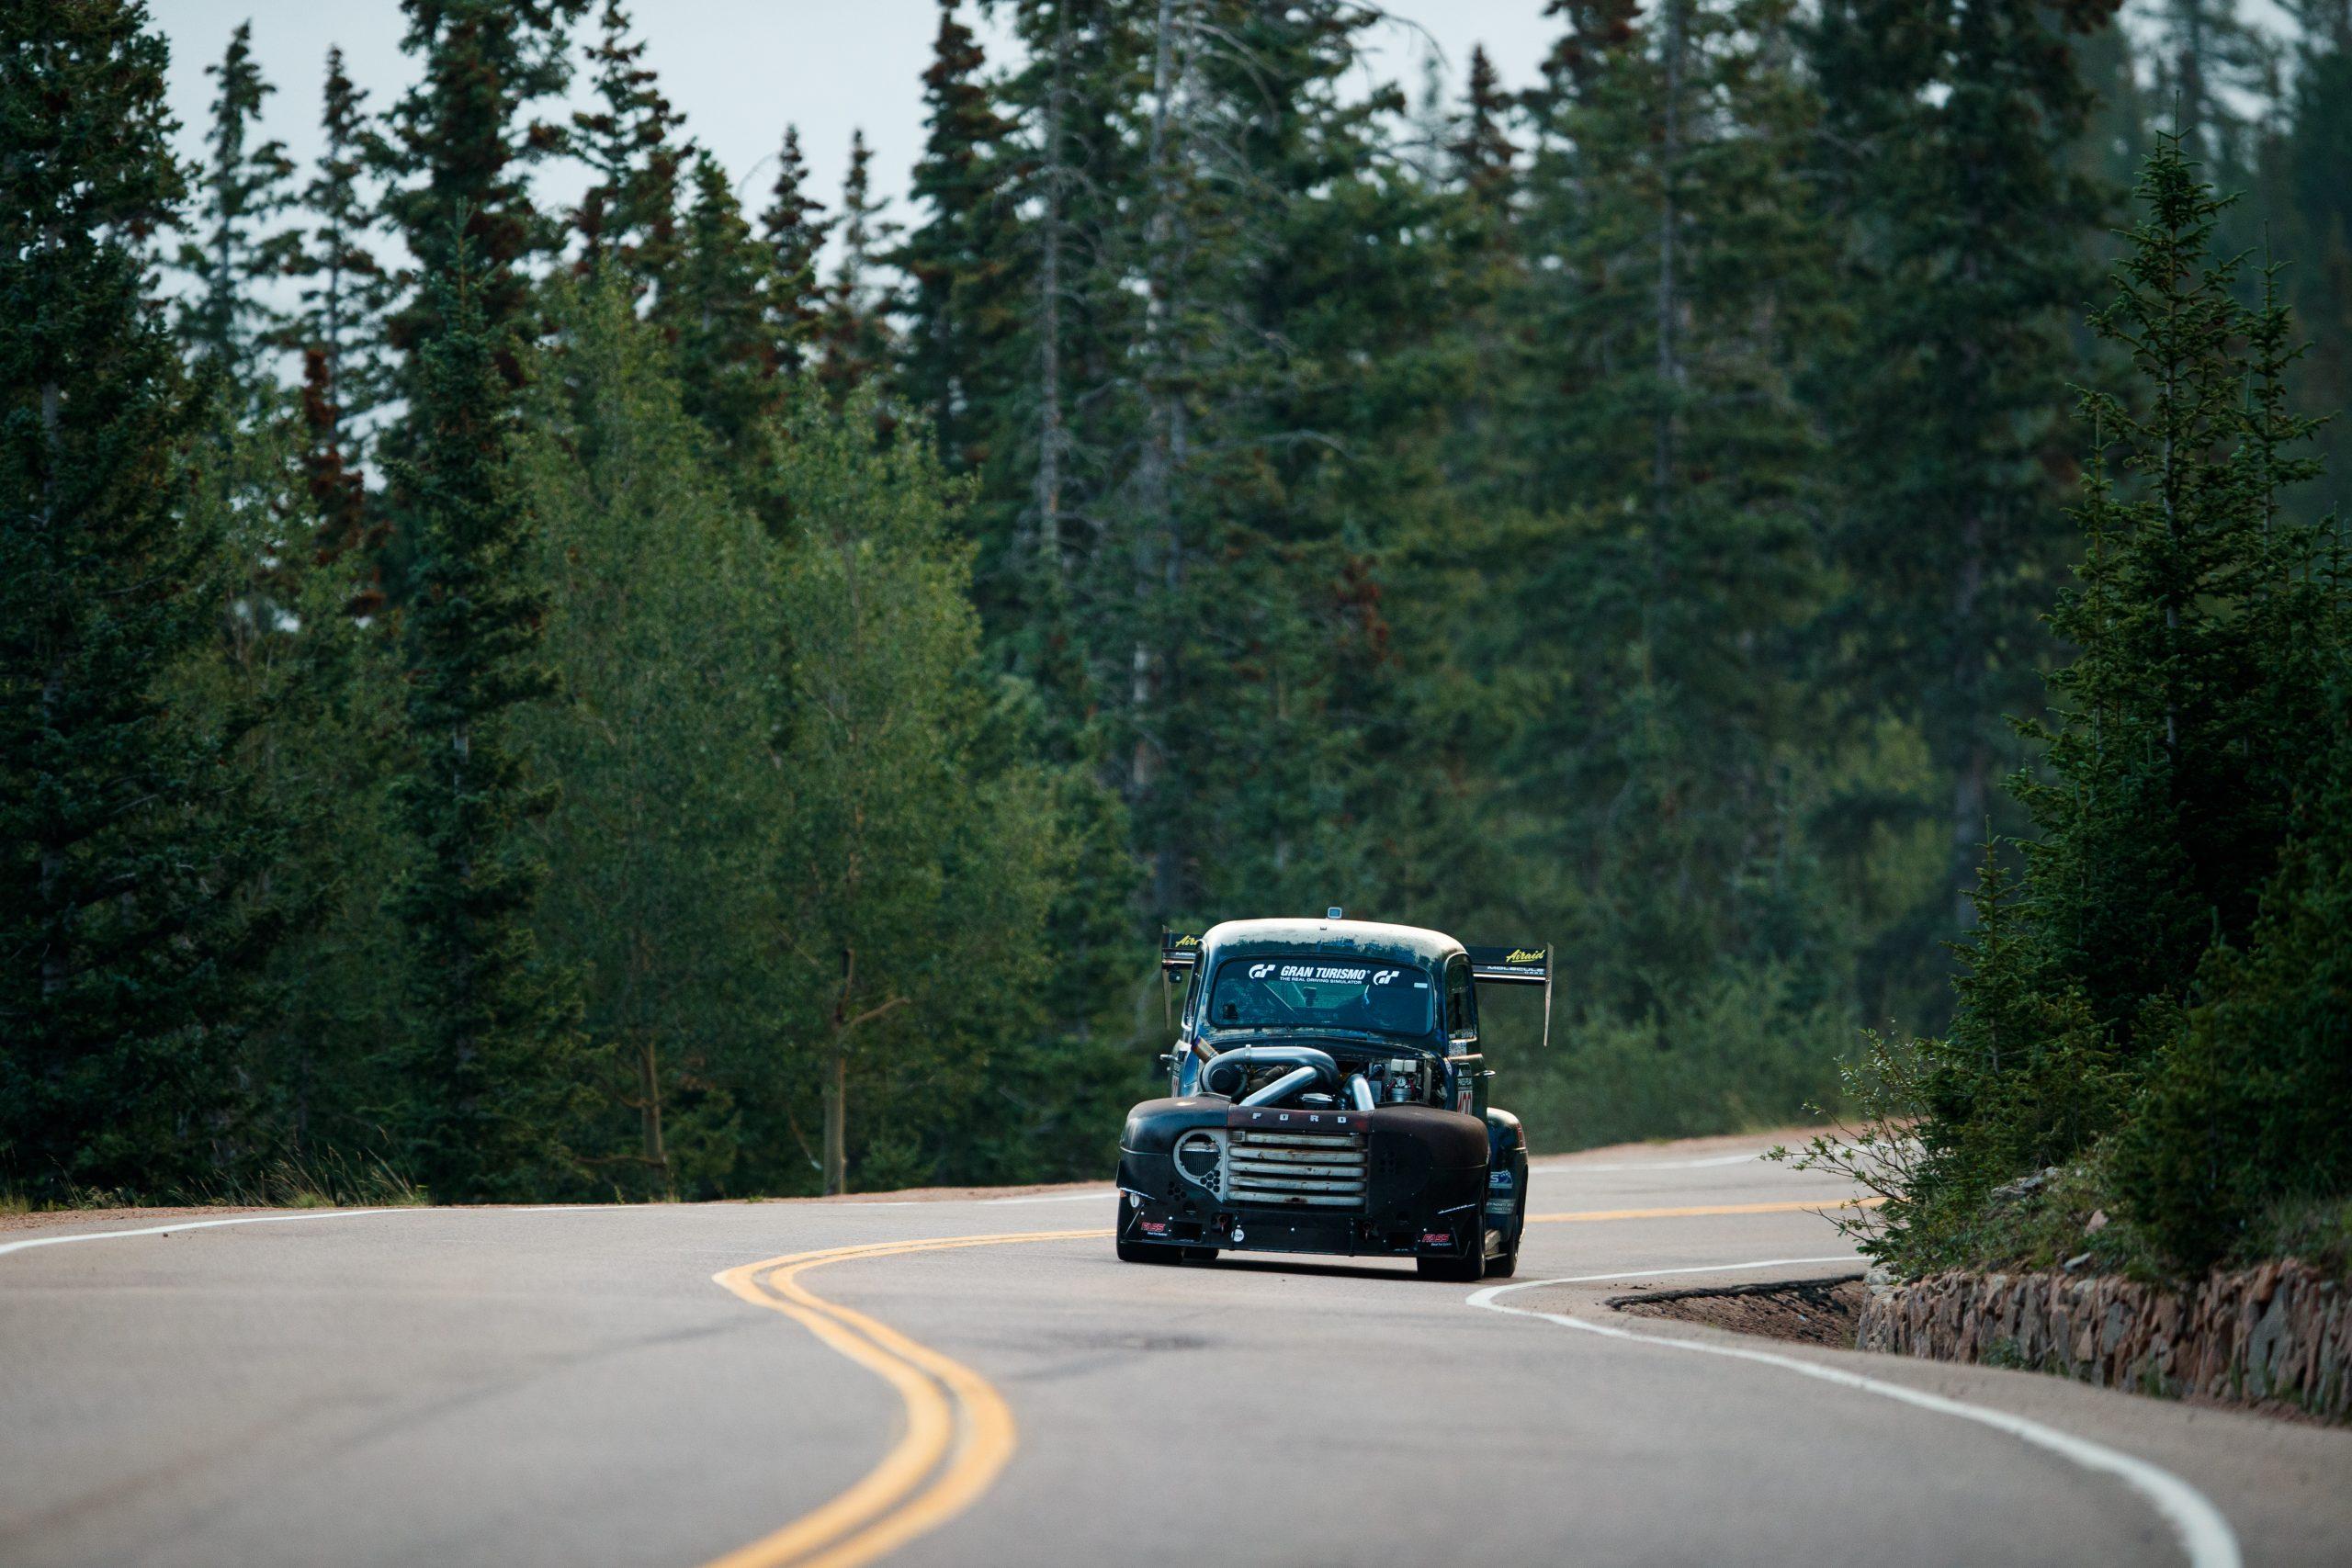 pikes peak international hill climb truck front